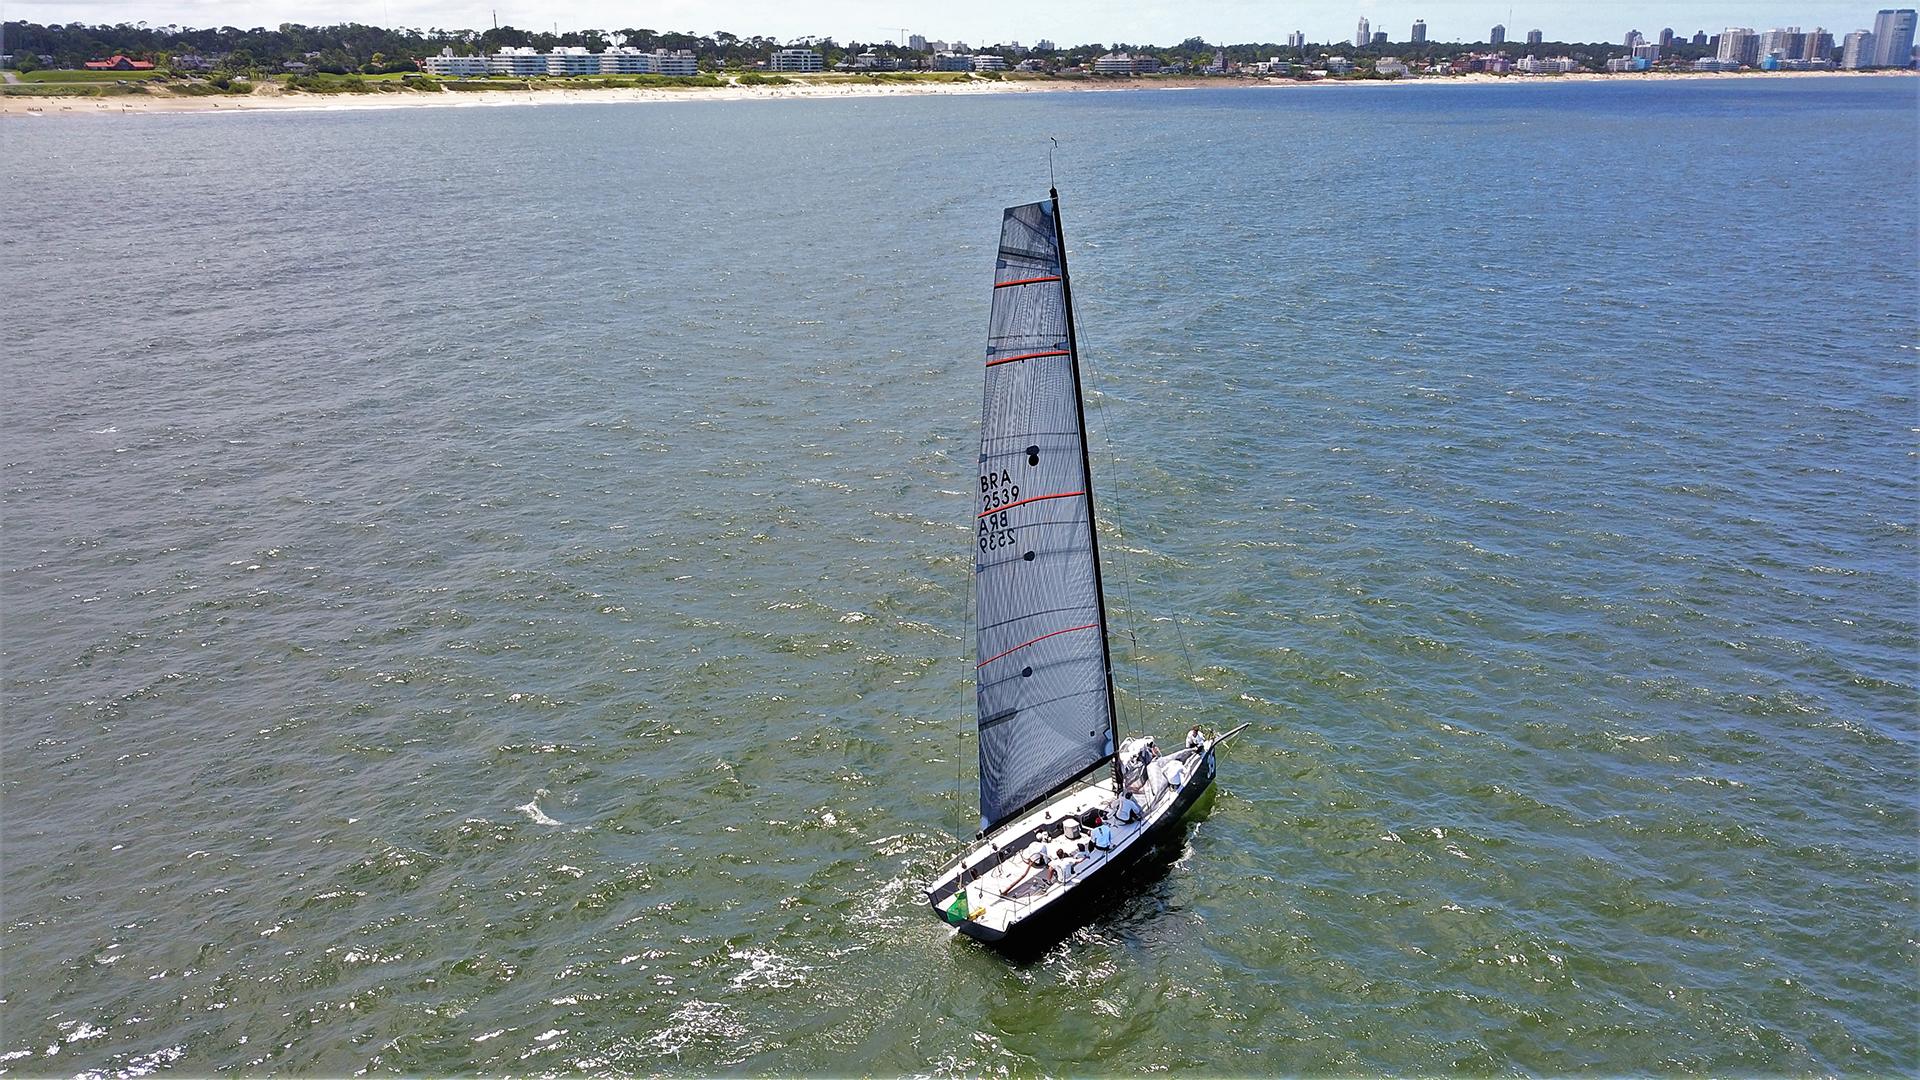 La competencia se inició en Olivos, Buenos Aires, el domingo 13 de enero a las doce del mediodía y finalizó en Punta del Este, Uruguay, el sábado 19 a las cinco de la tarde